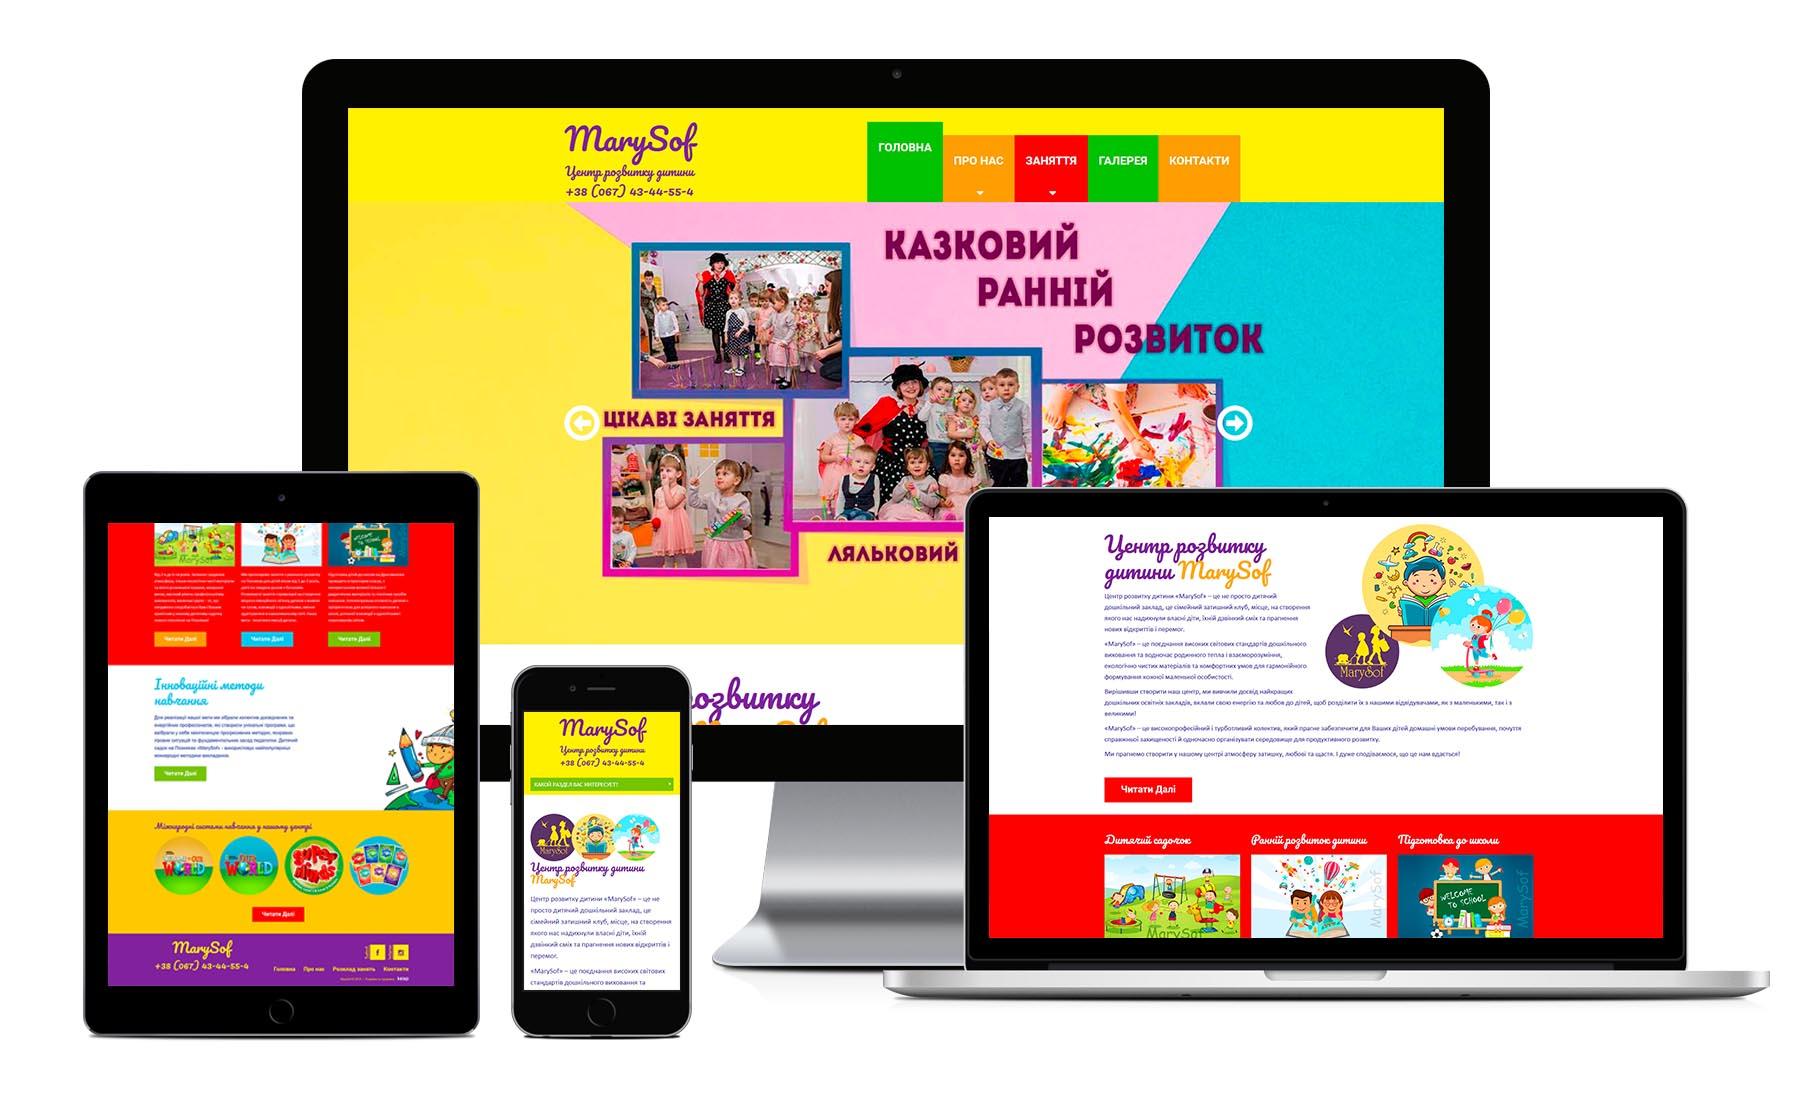 пример сайта центра раннего развития ребенка, детского сайта - адаптивный дизайн